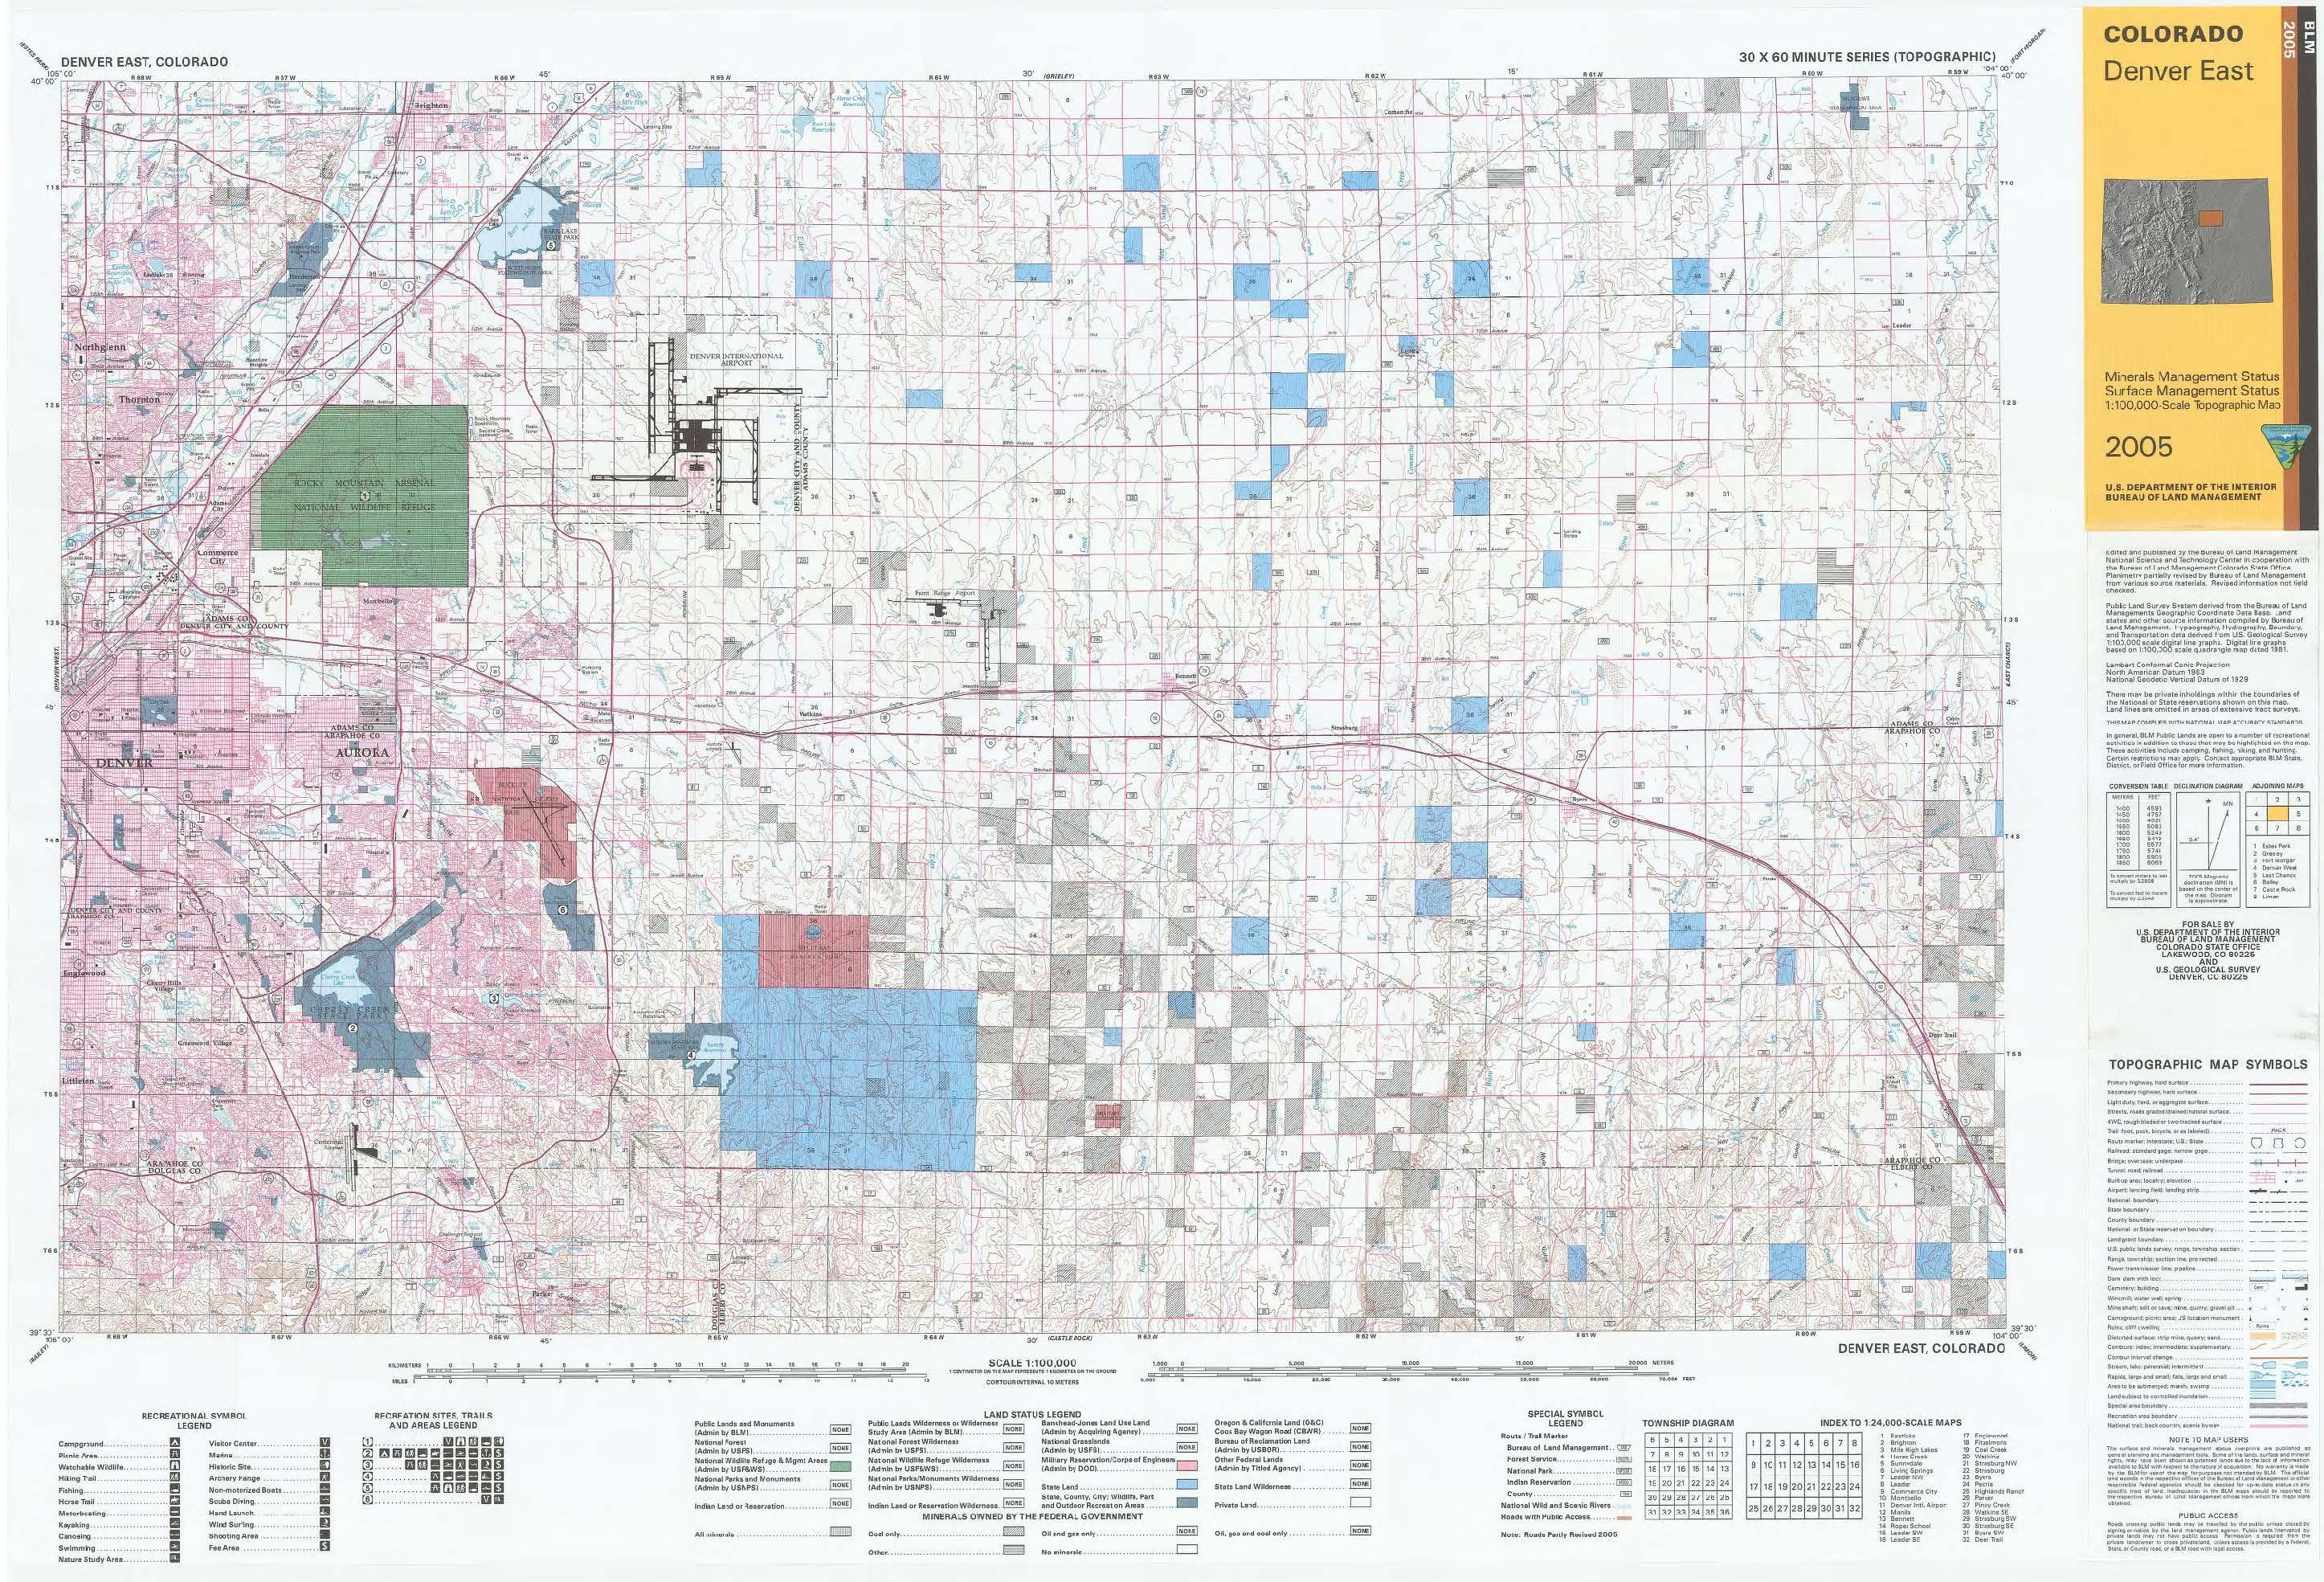 Co Surface Management Status Denver East Map Bureau Of Land Management - Us-surface-map